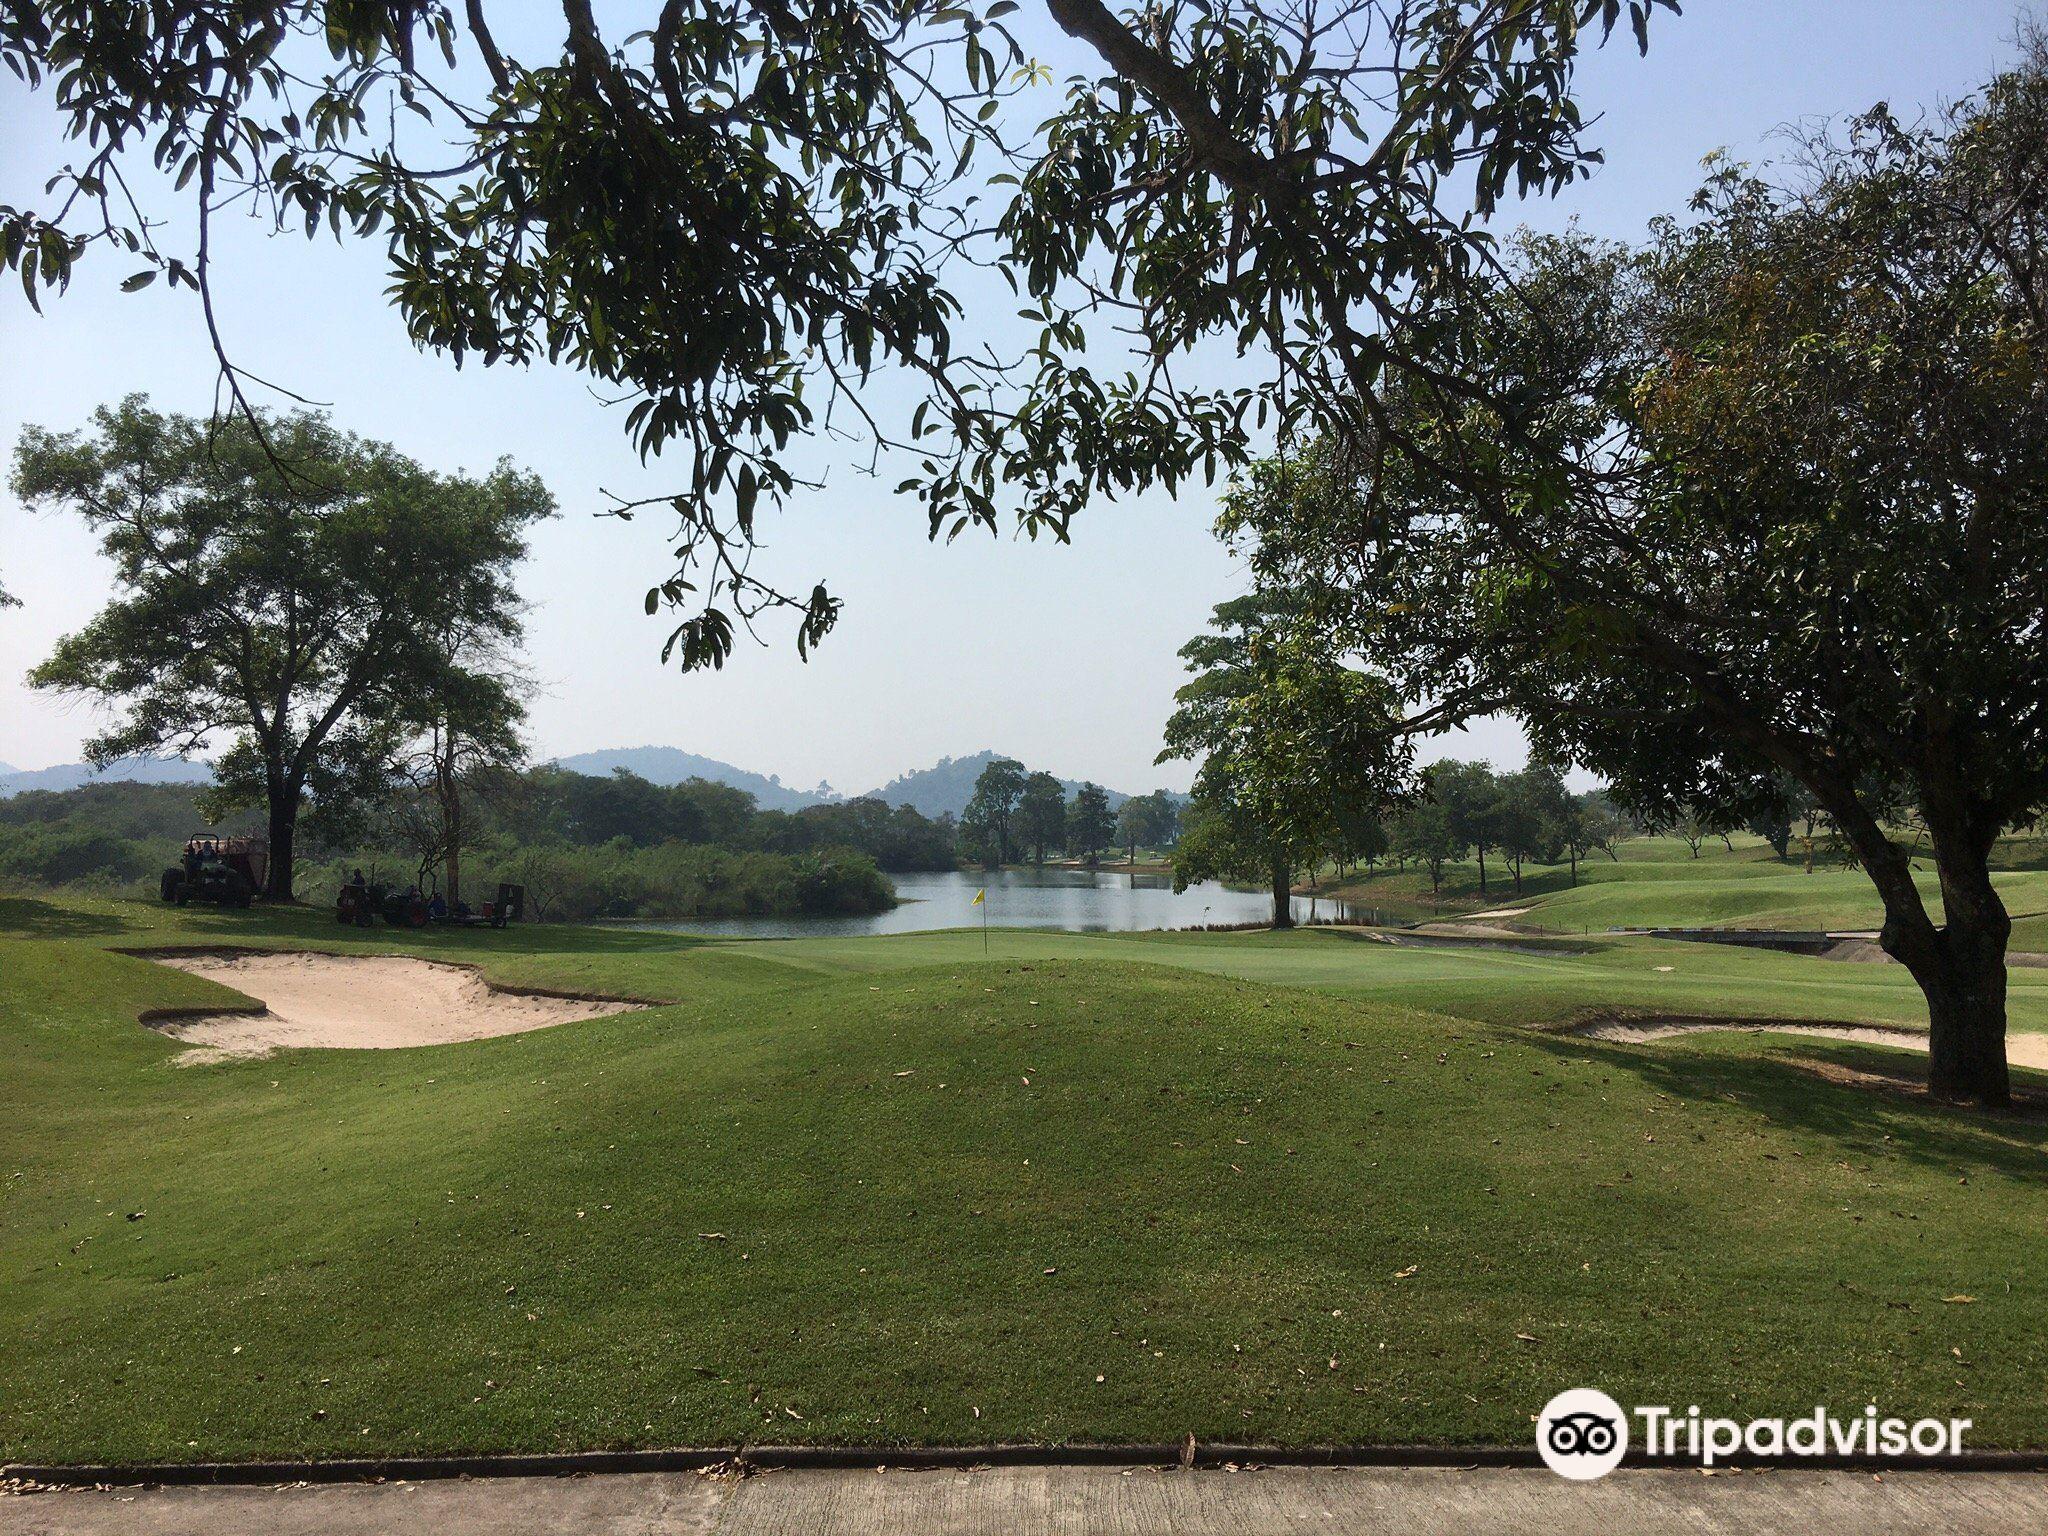 泰國布拉法高爾夫球場 Burapha Golf Club